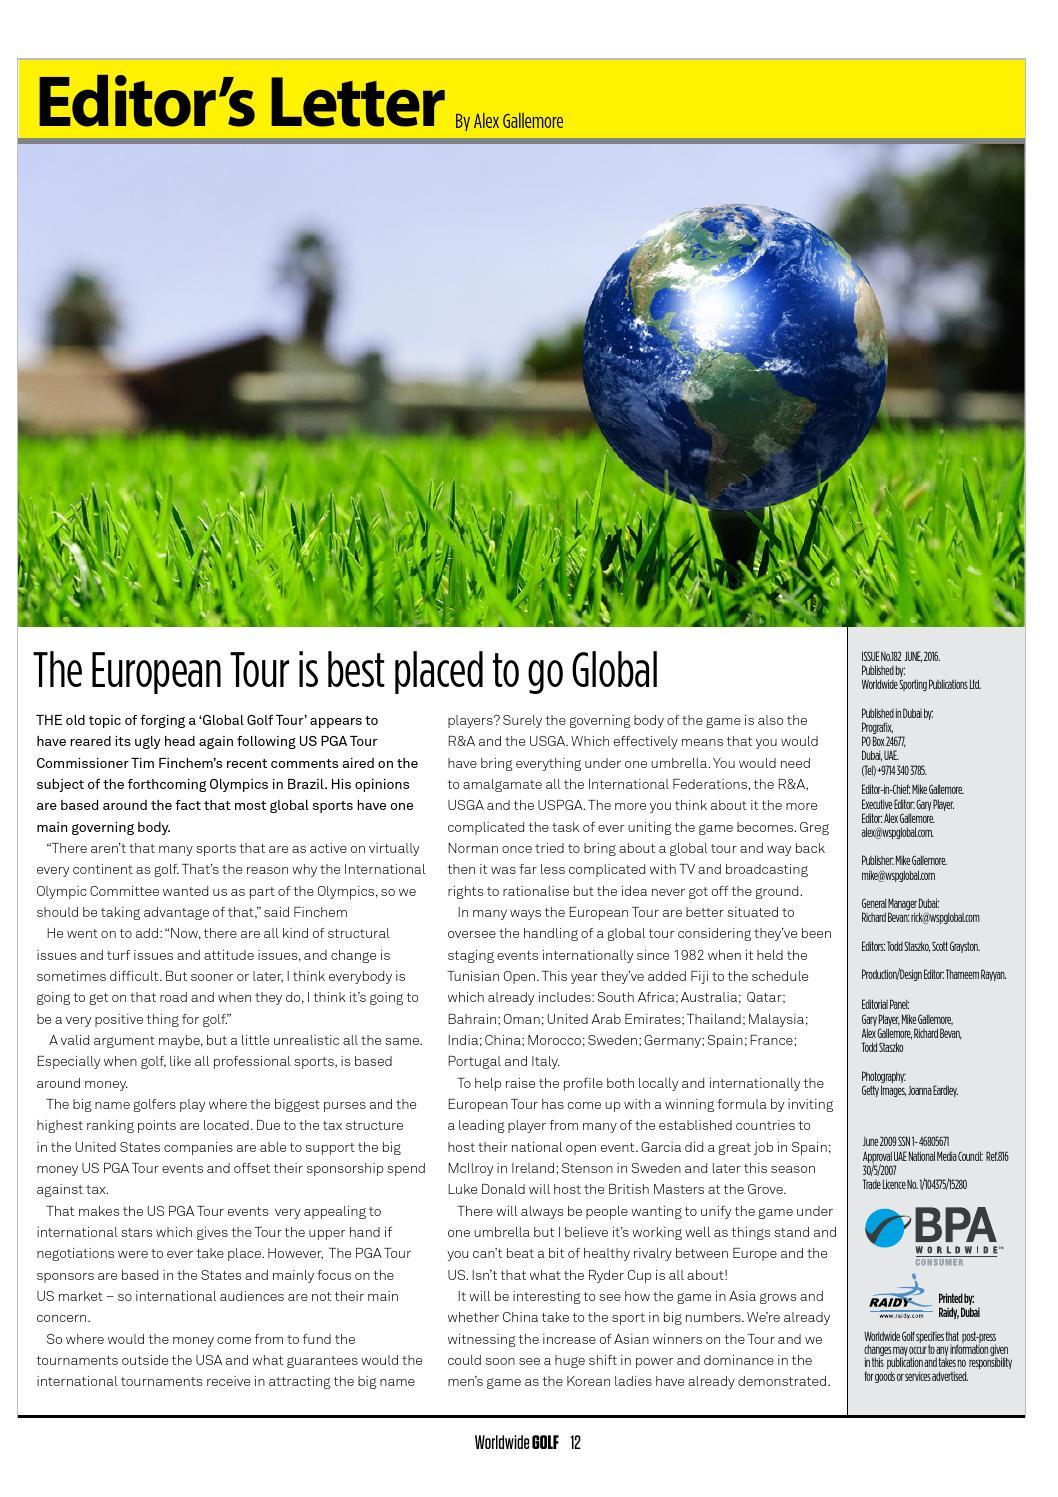 Worldwide Golf June 2016 by WSP Global - issuu